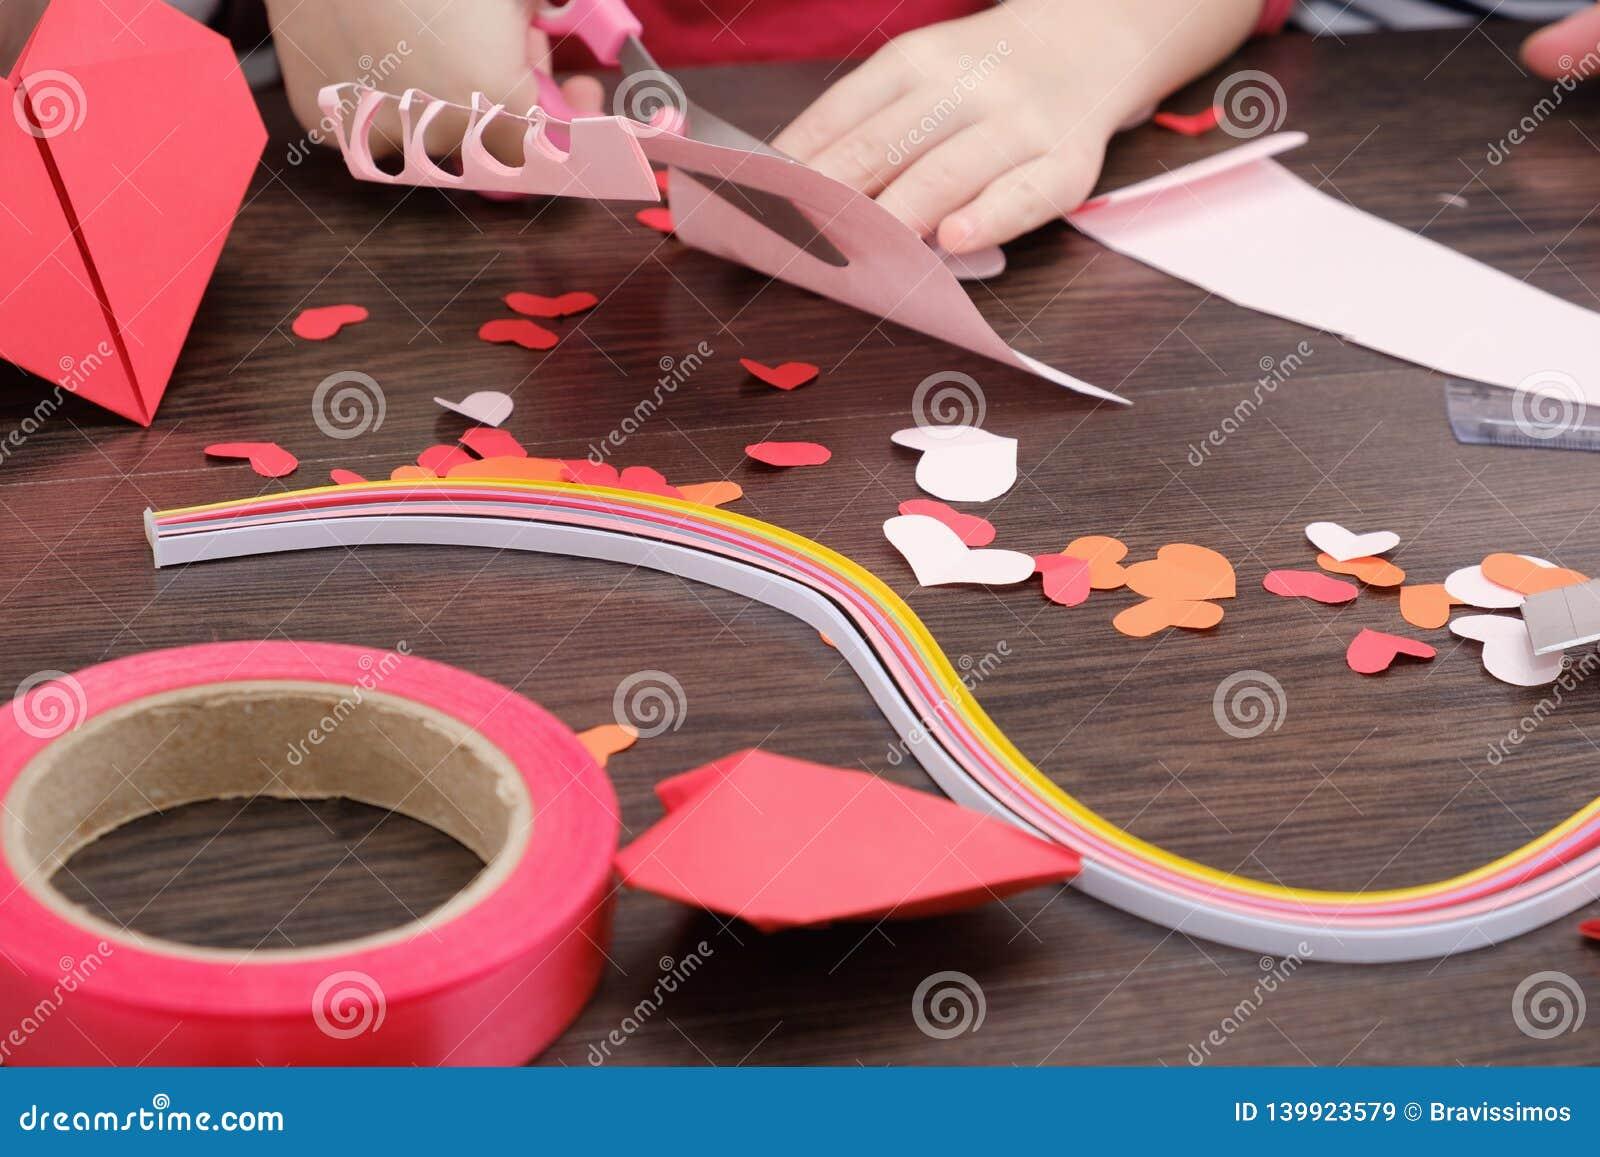 Le petit enfant a fait une maison avec l ornement de coeurs du feutre Matériaux et outils pour faire des ornements de feutre Comm